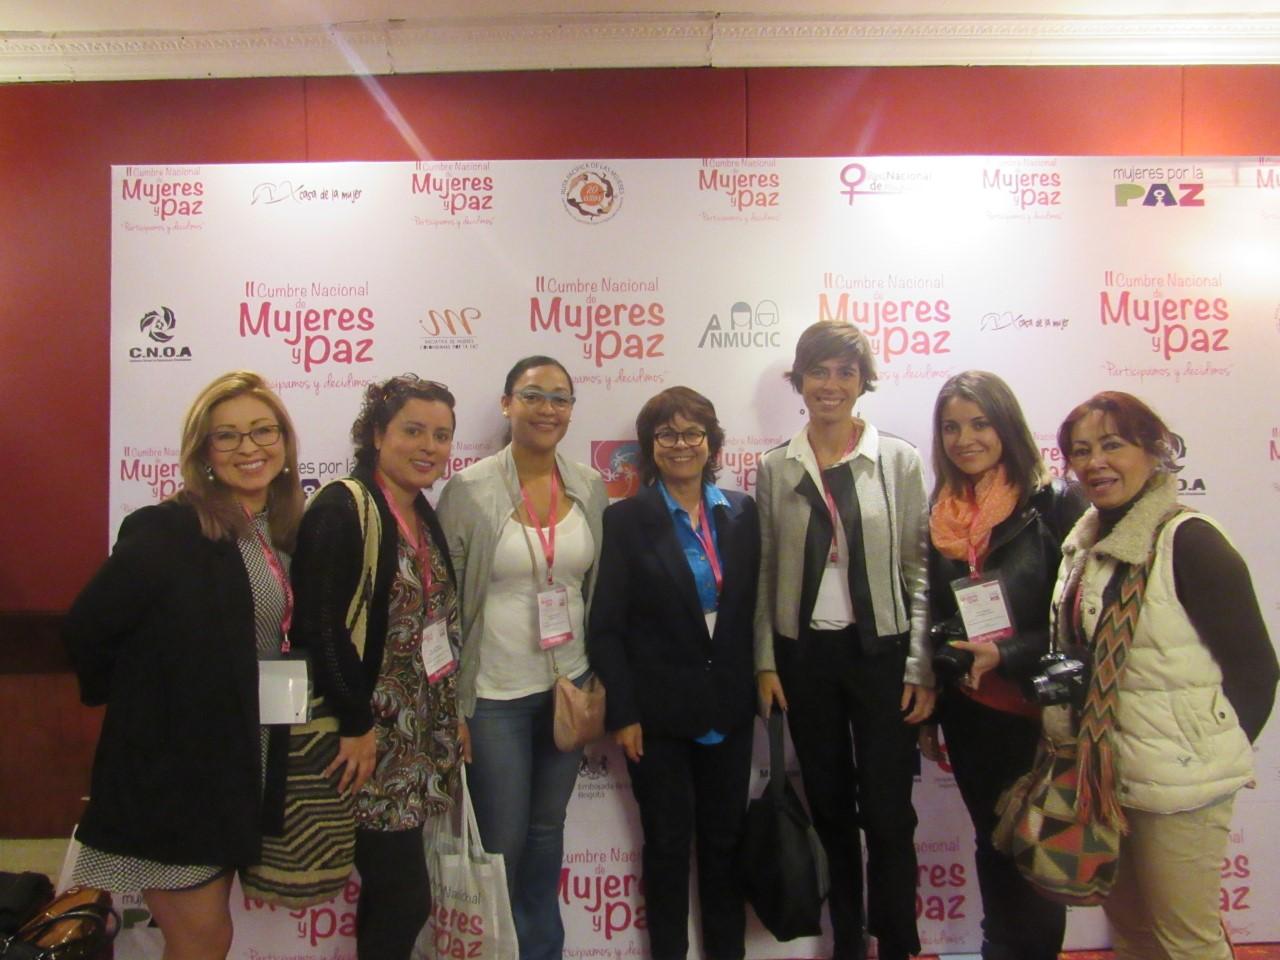 La red de periodistas con Visión de género, presente en la II cumbre nacional de mujeres y paz .